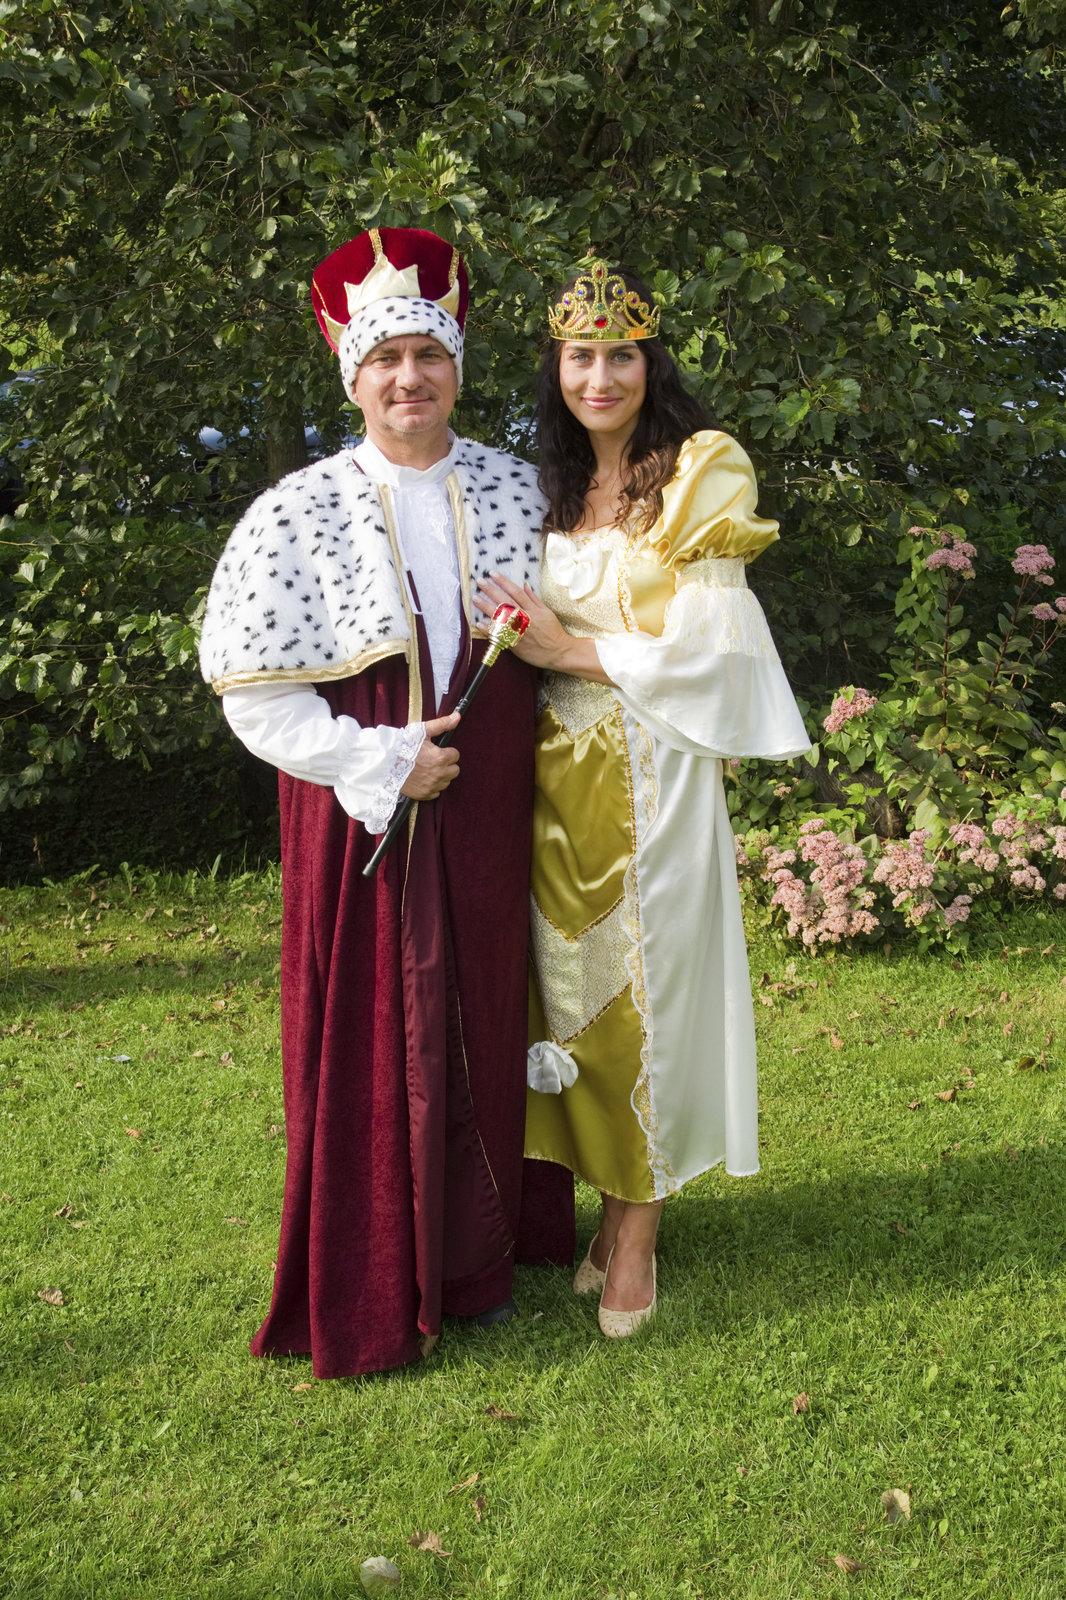 Kancléř Vratislav Mynář s krásnou televizní moderátorkou Alex coby princeznou potěšili děti na pohádkové charitativní akci